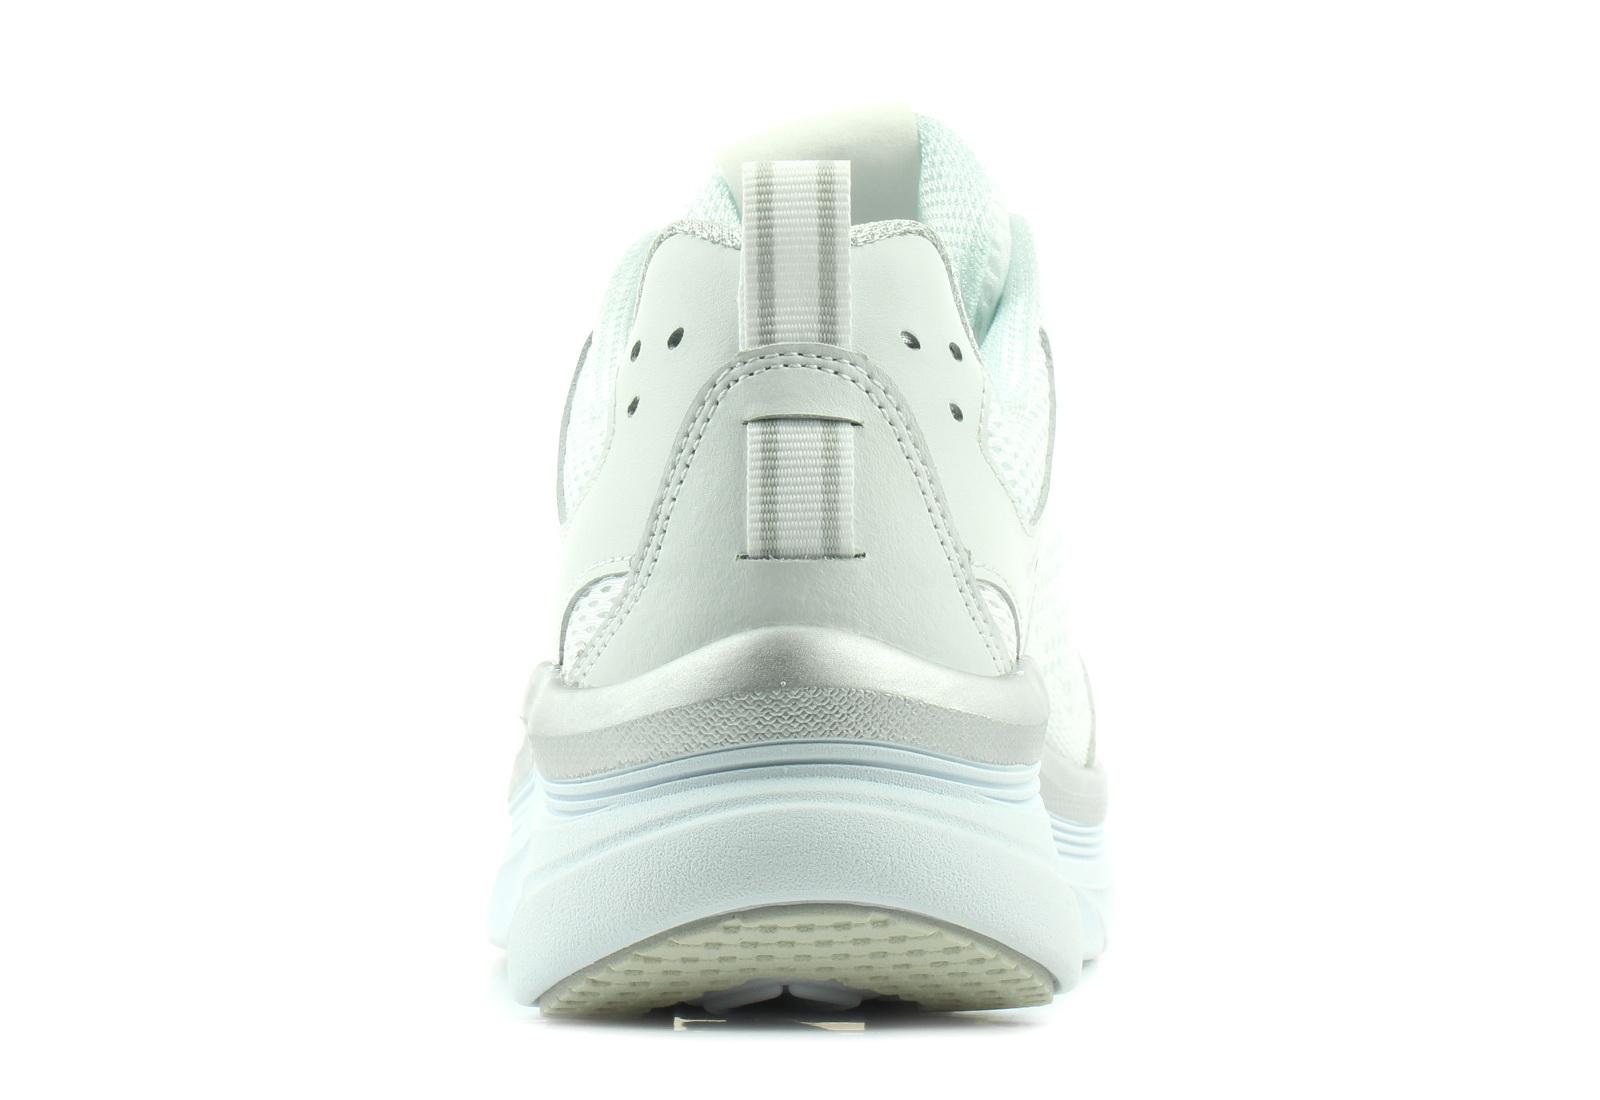 Skechers Cipő Max Flex 149023 wsl Office Shoes